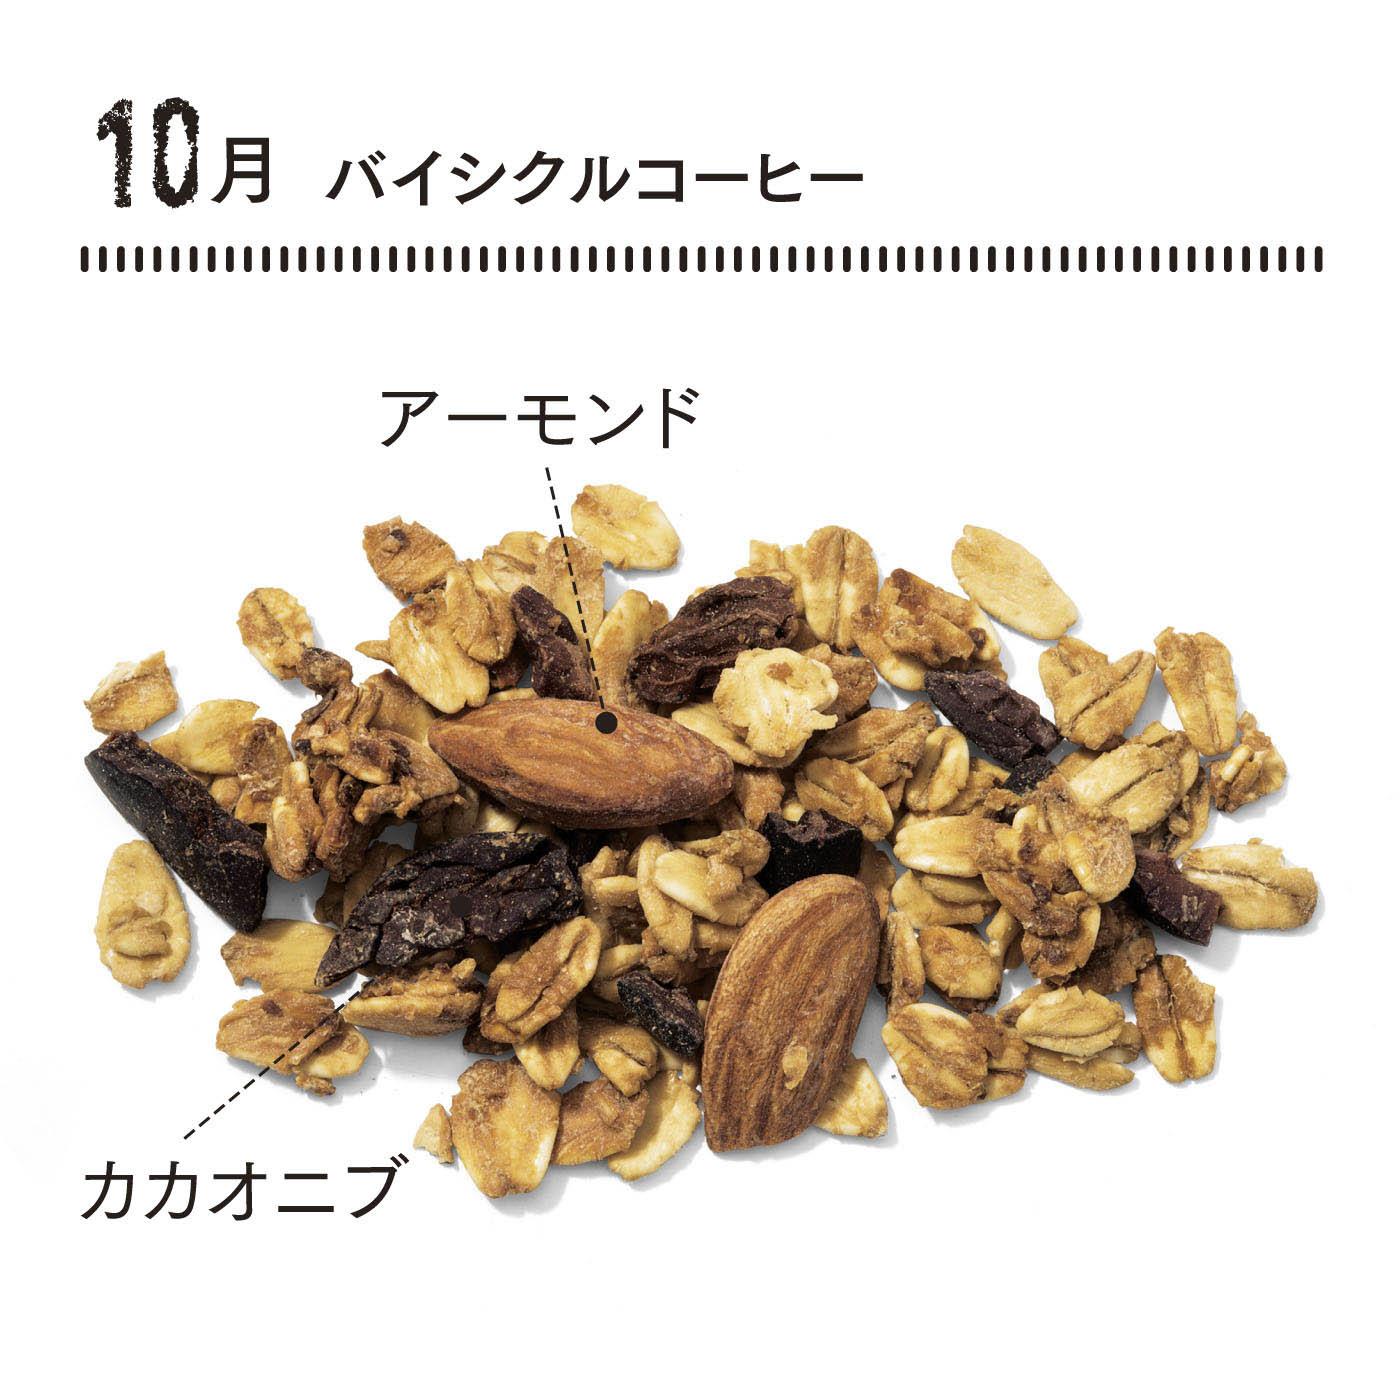 オーガニックコーヒーの新鋭BUCYCLE COFFEEのコーヒーで味付け。カカオニブの苦味がアクセント。